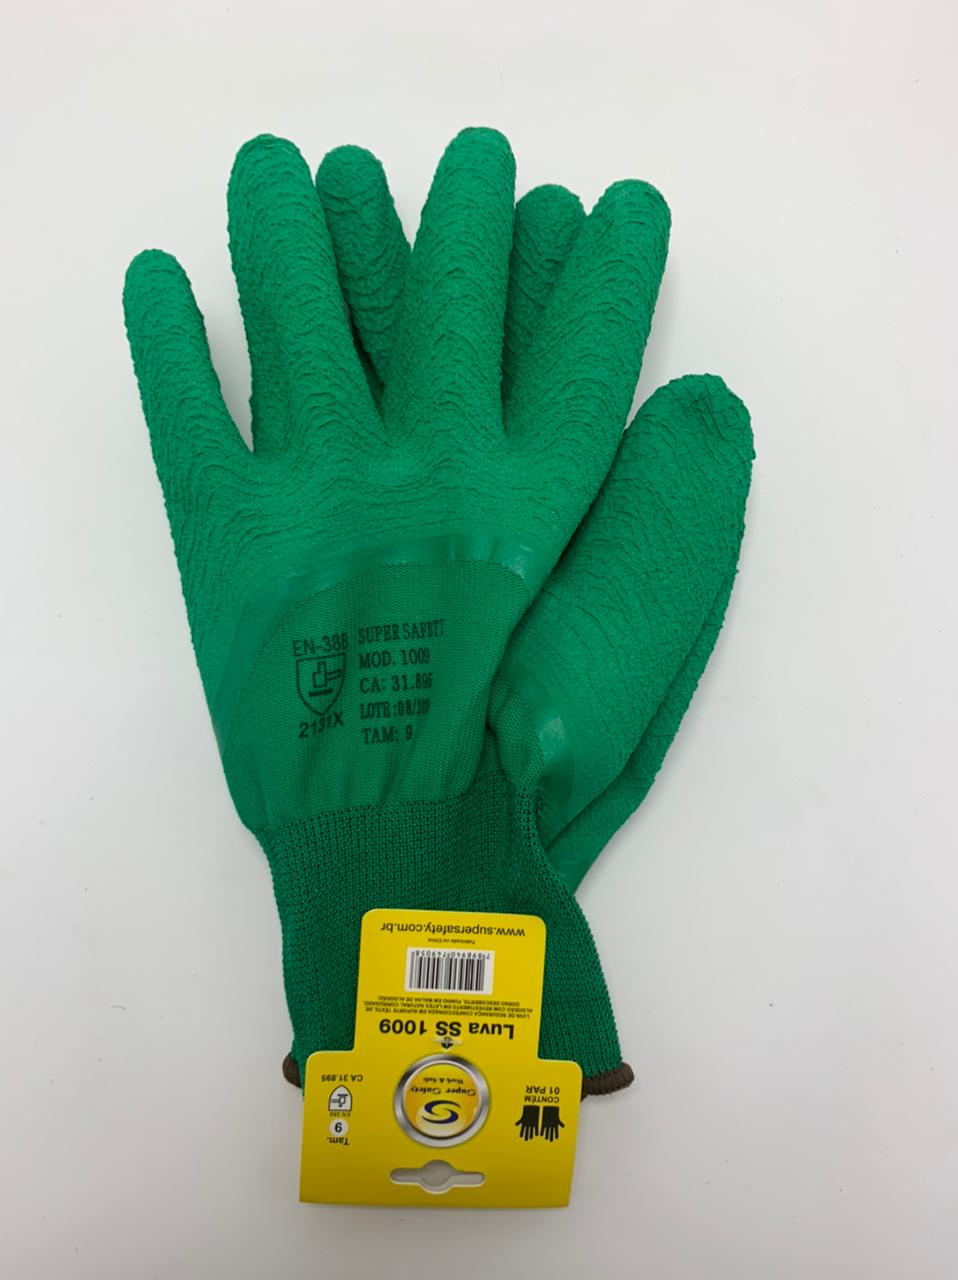 Luva de segurança Super Safety ss1009 Verde Tam. 10(GG).